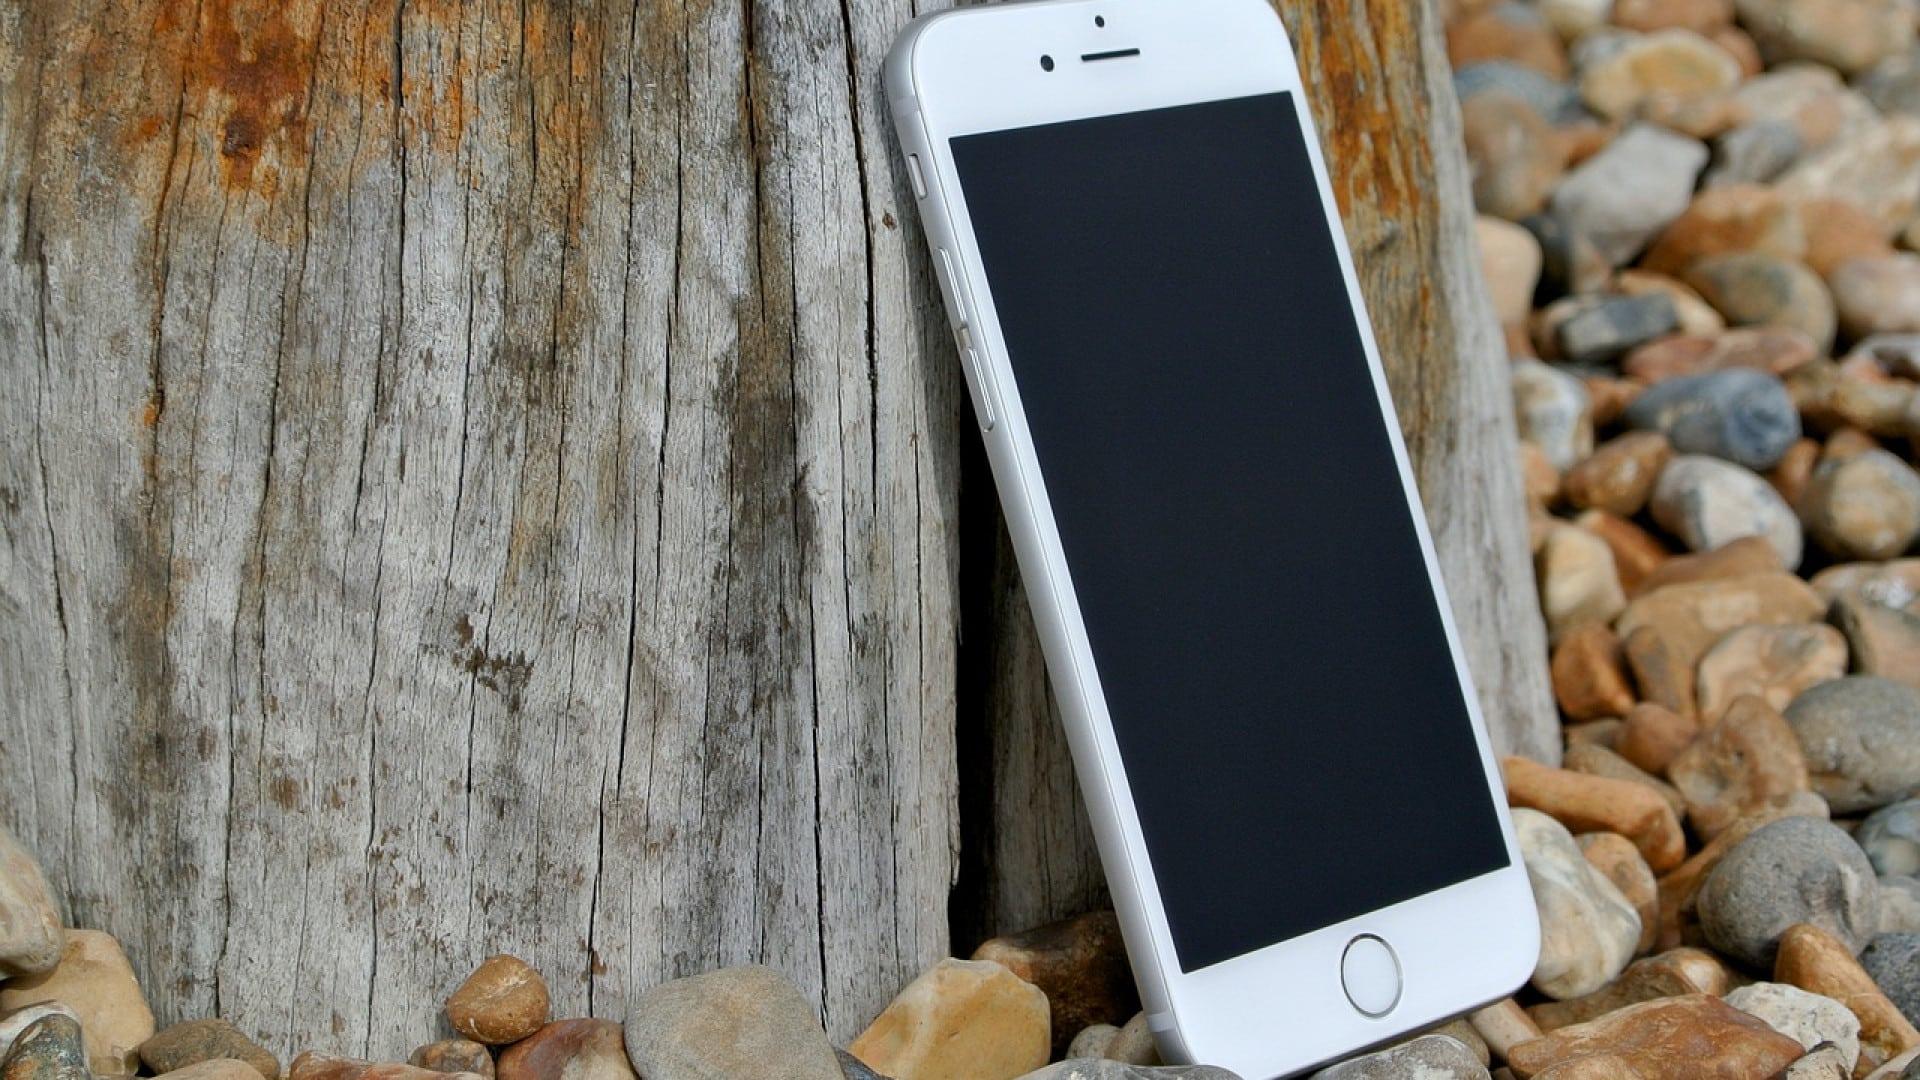 Réparation iphone: comment ça marche ?